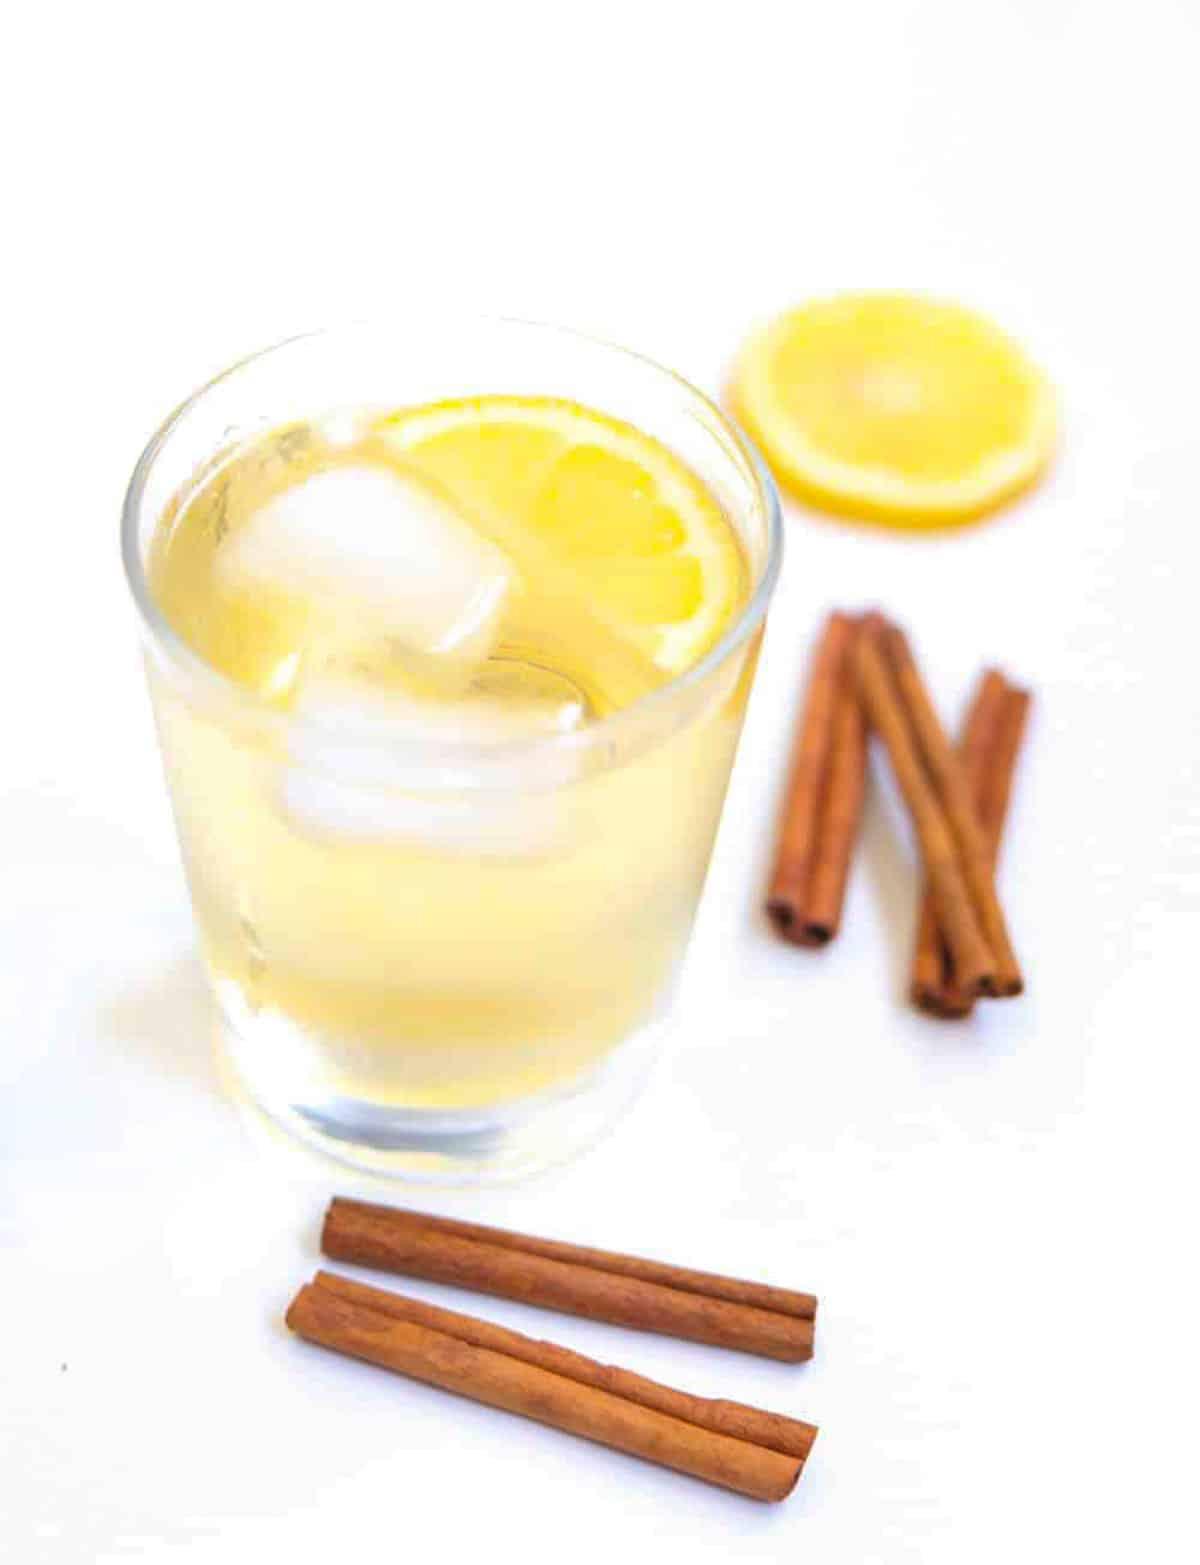 iced cinnamon tea